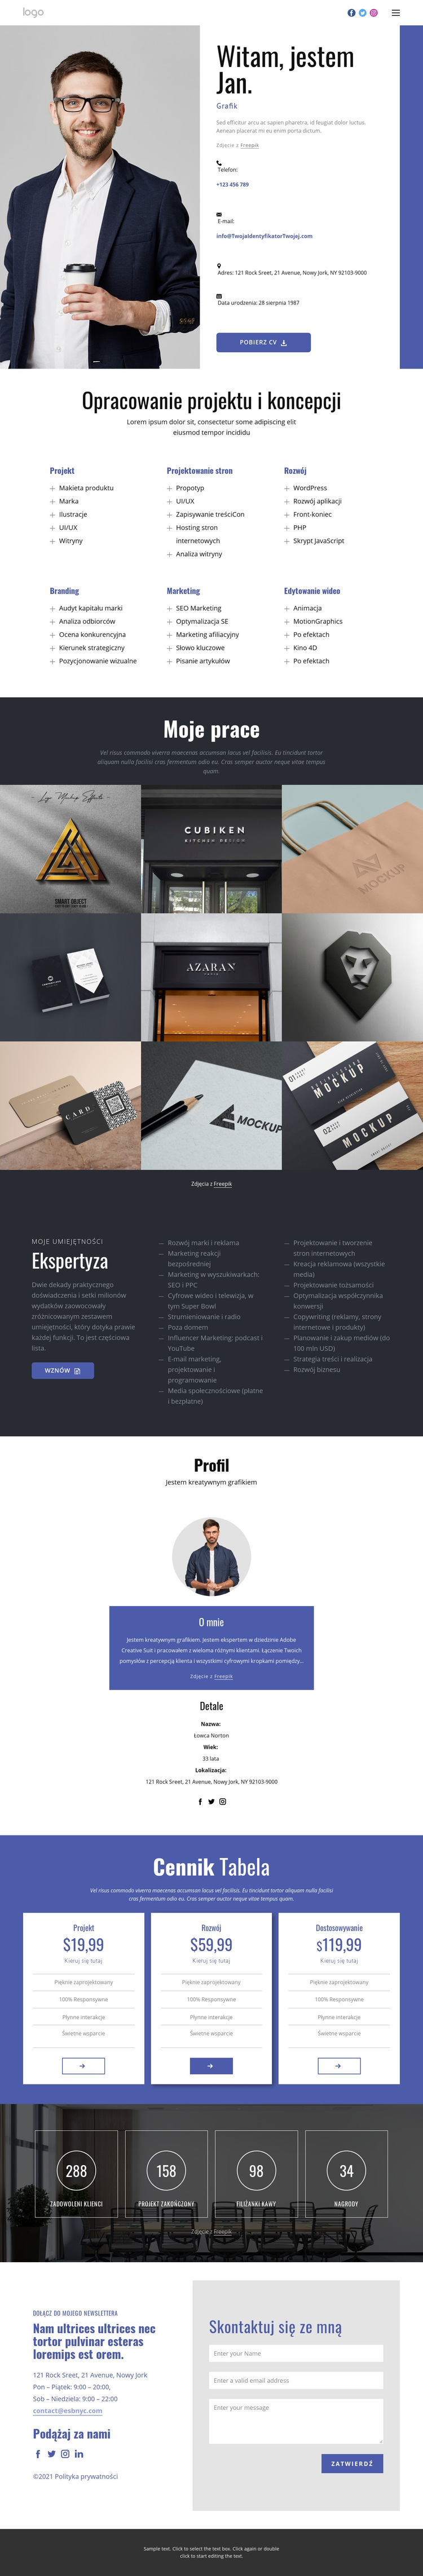 Projekt koncepcyjny Szablon witryny sieci Web